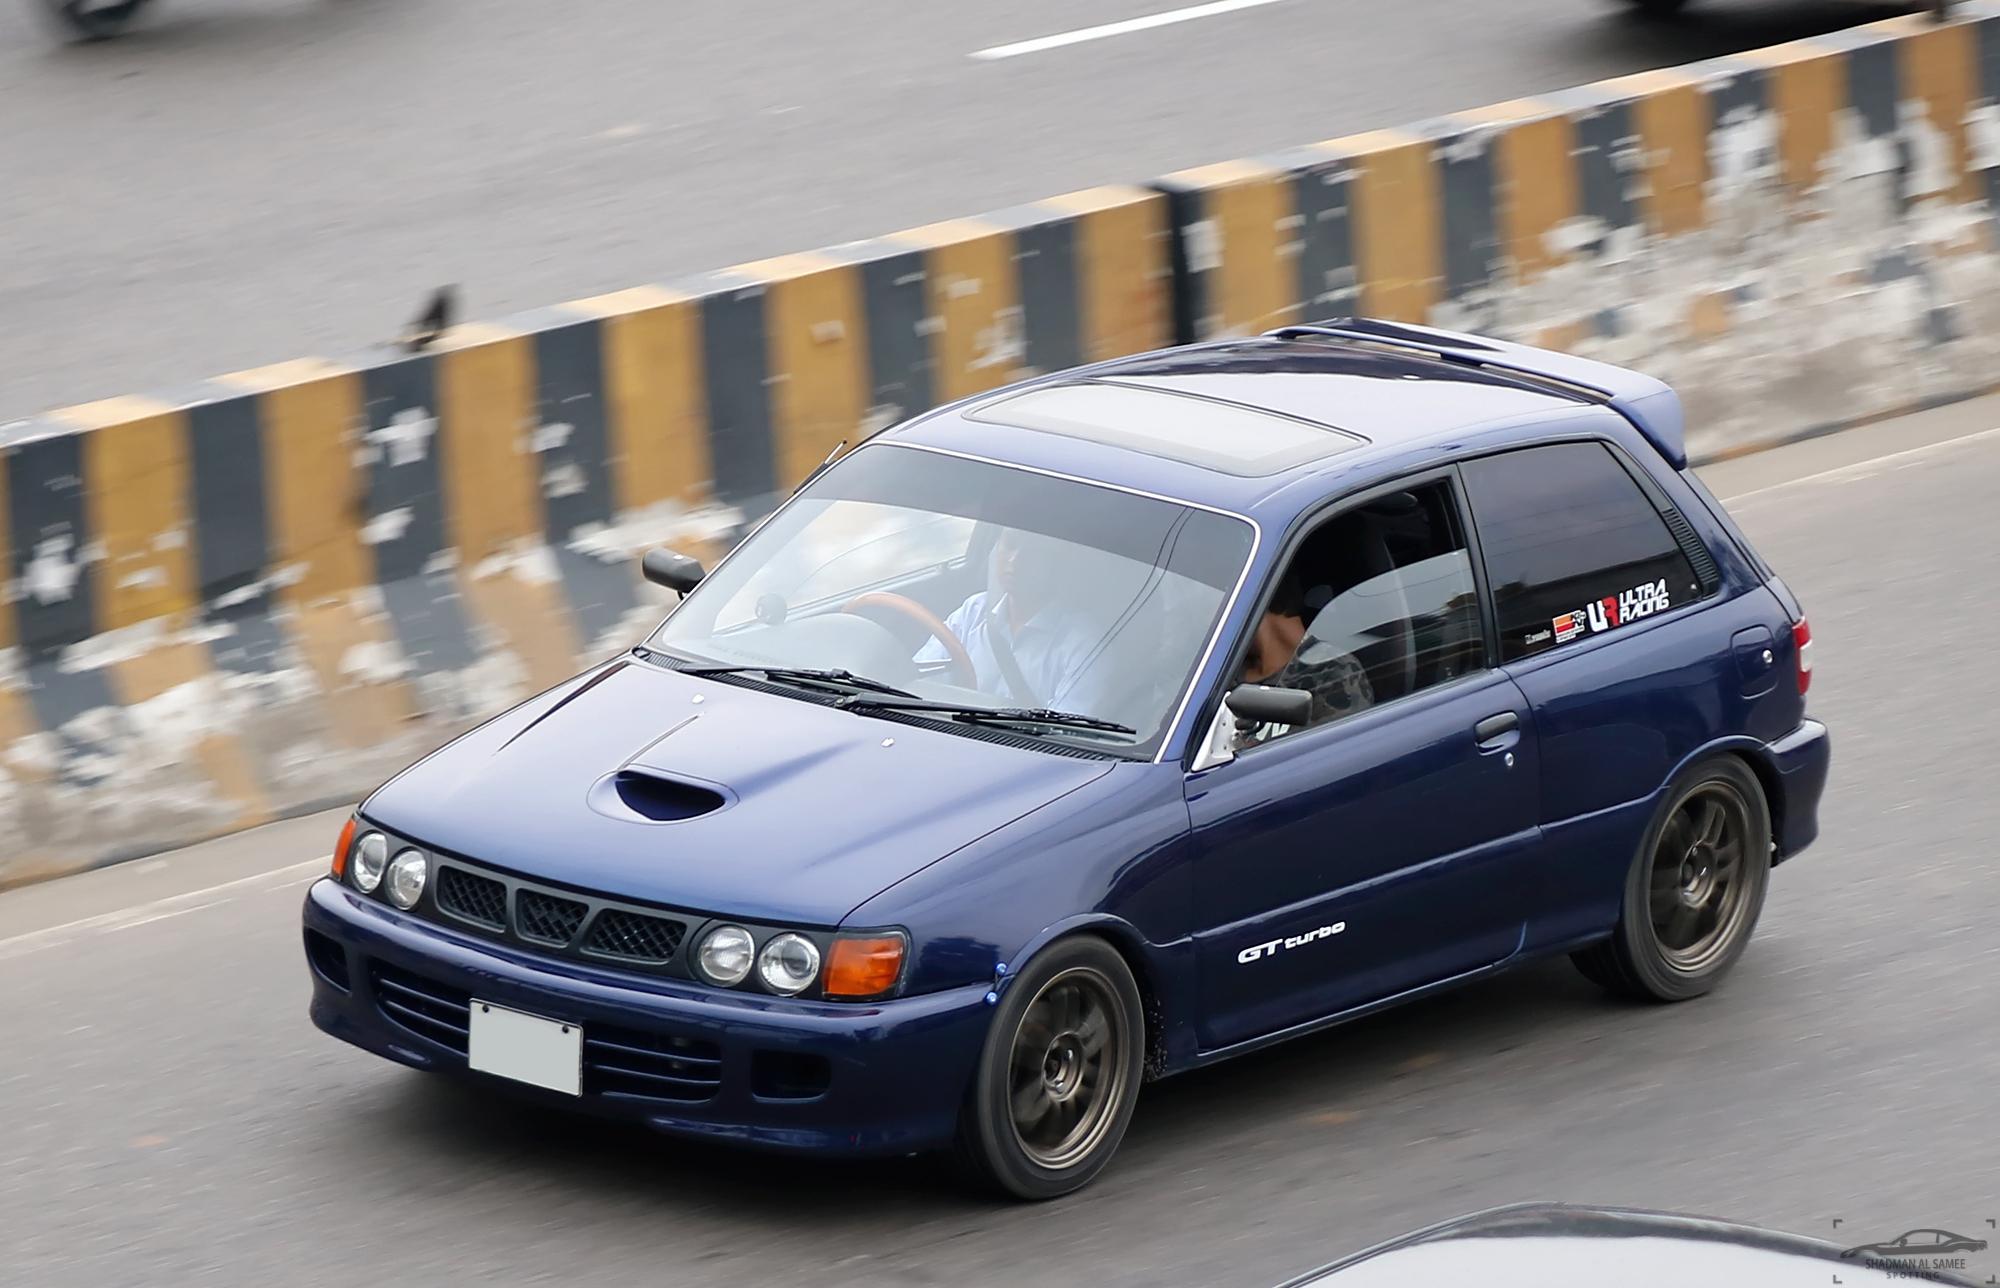 Kelebihan Kekurangan Toyota Starlet Gt Perbandingan Harga